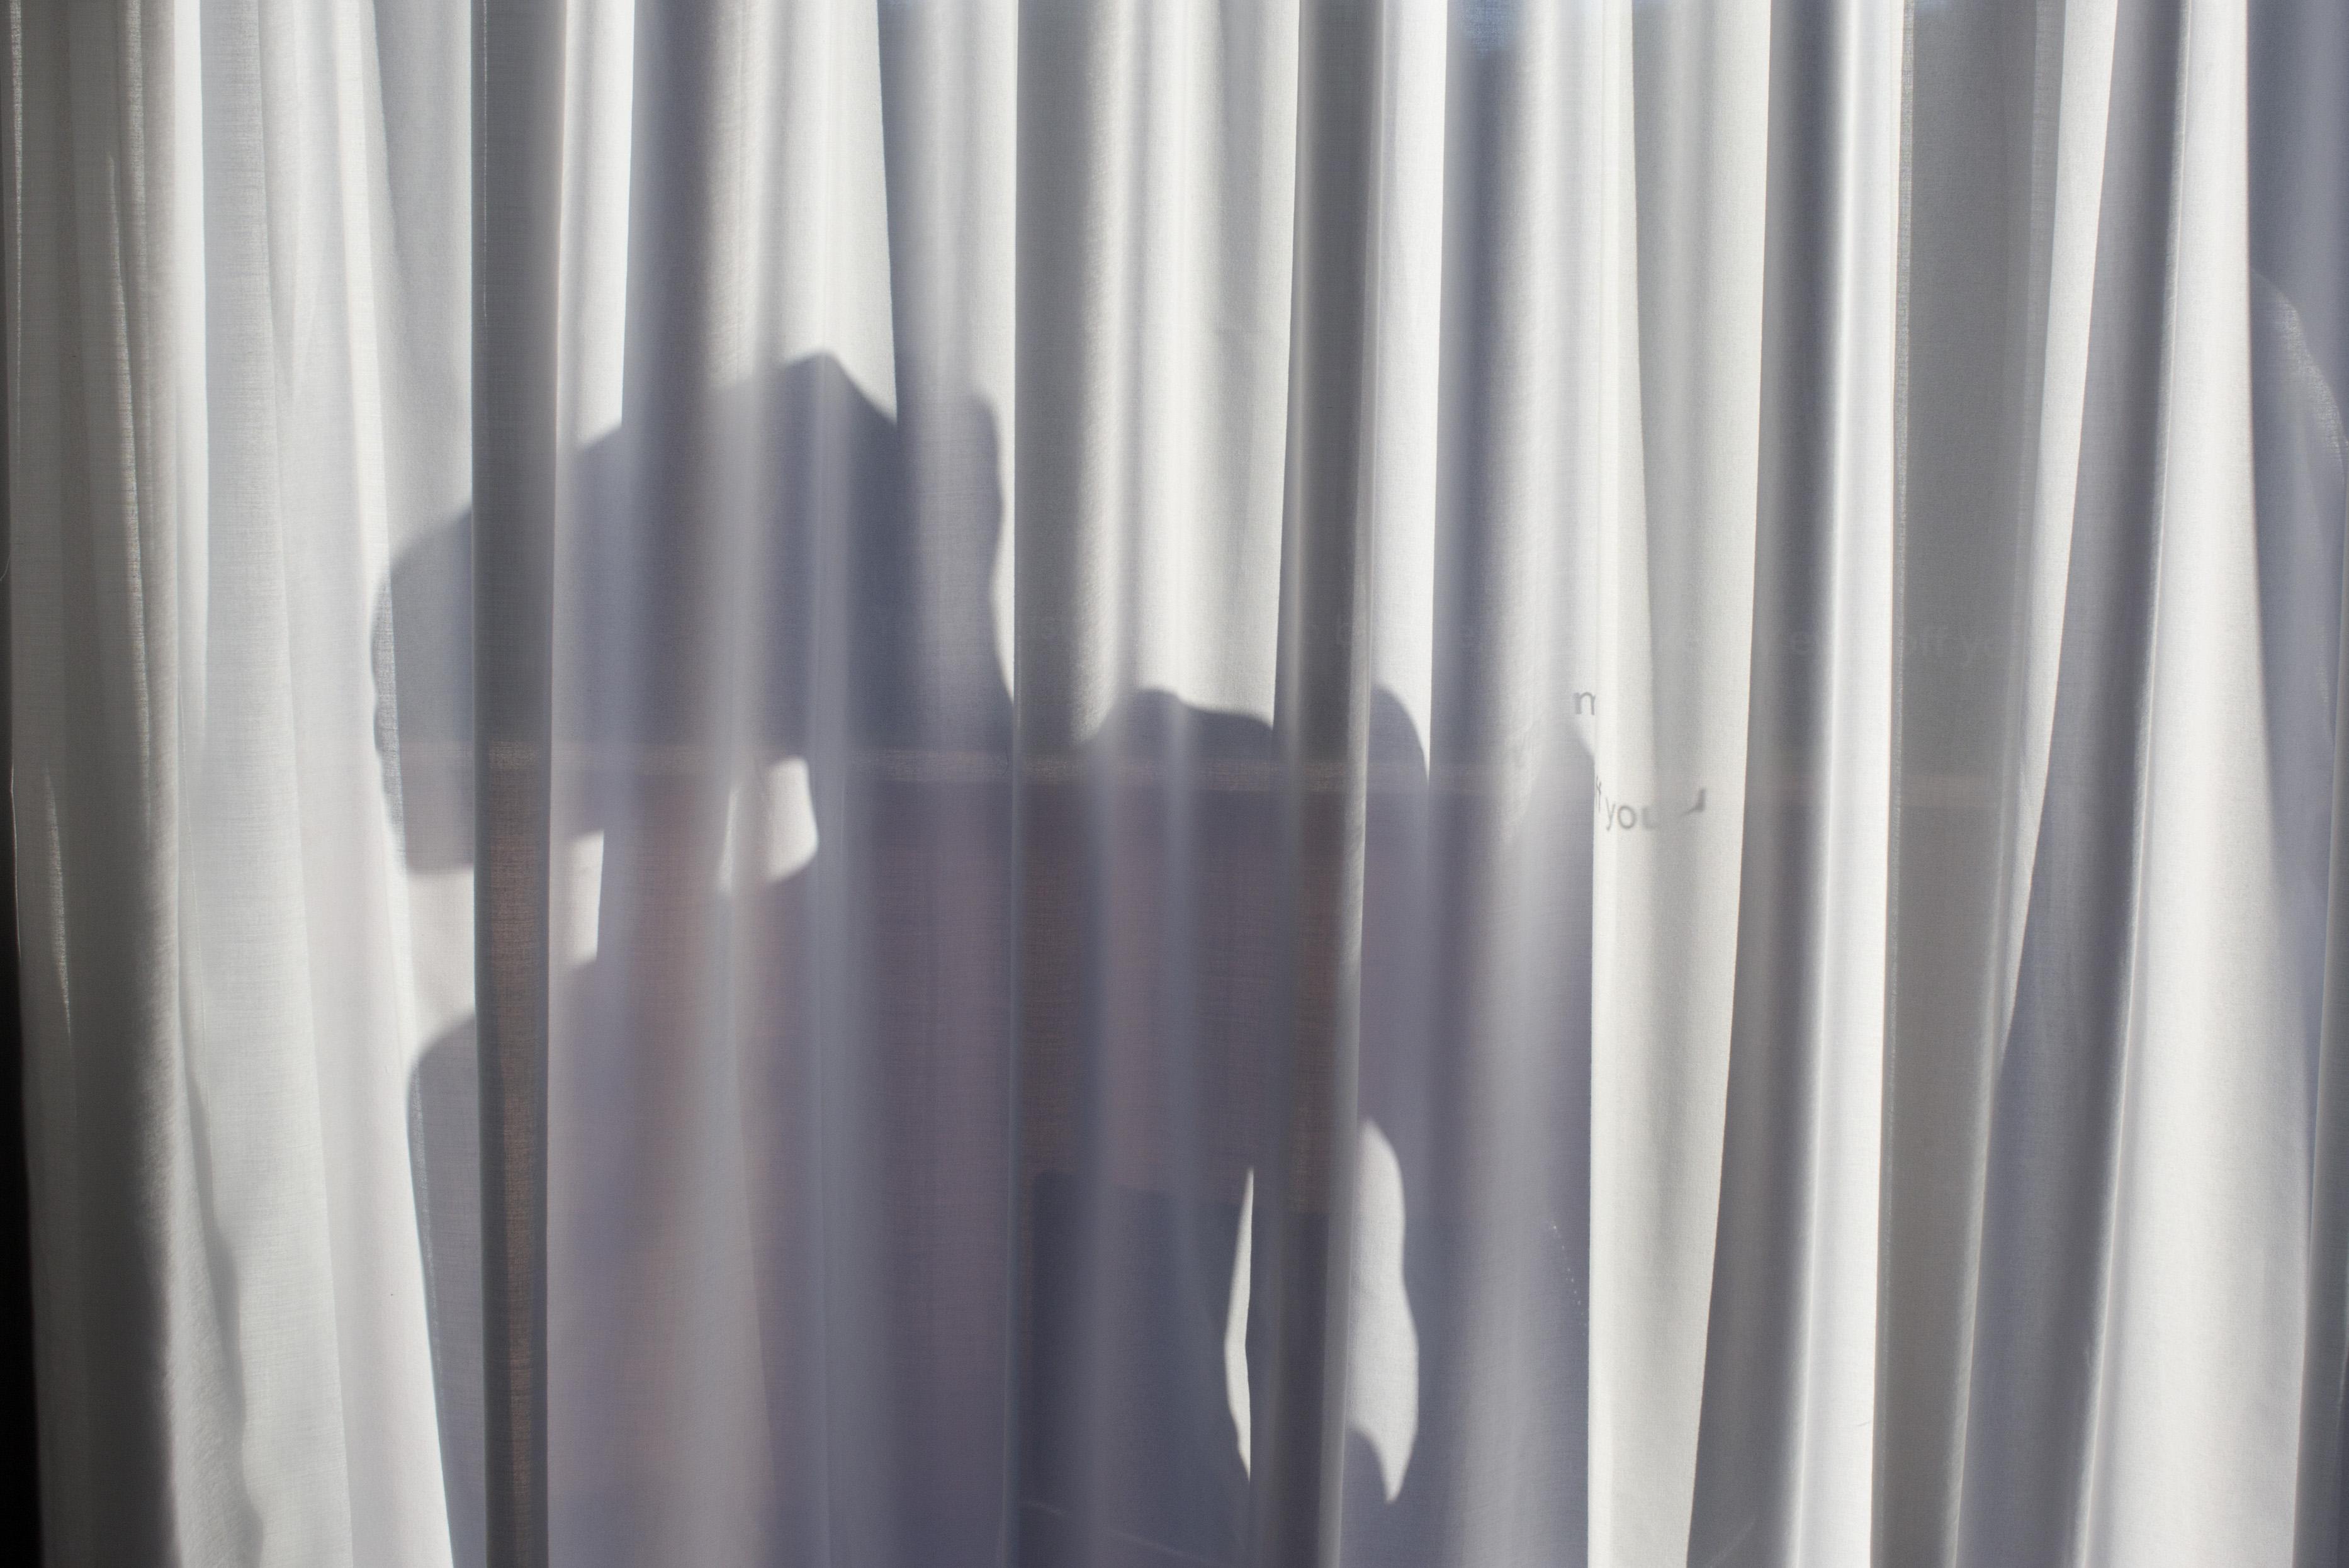 Rejtett kamerákkal kukkolták a vendégeket egy balatonboglári apartmanházban